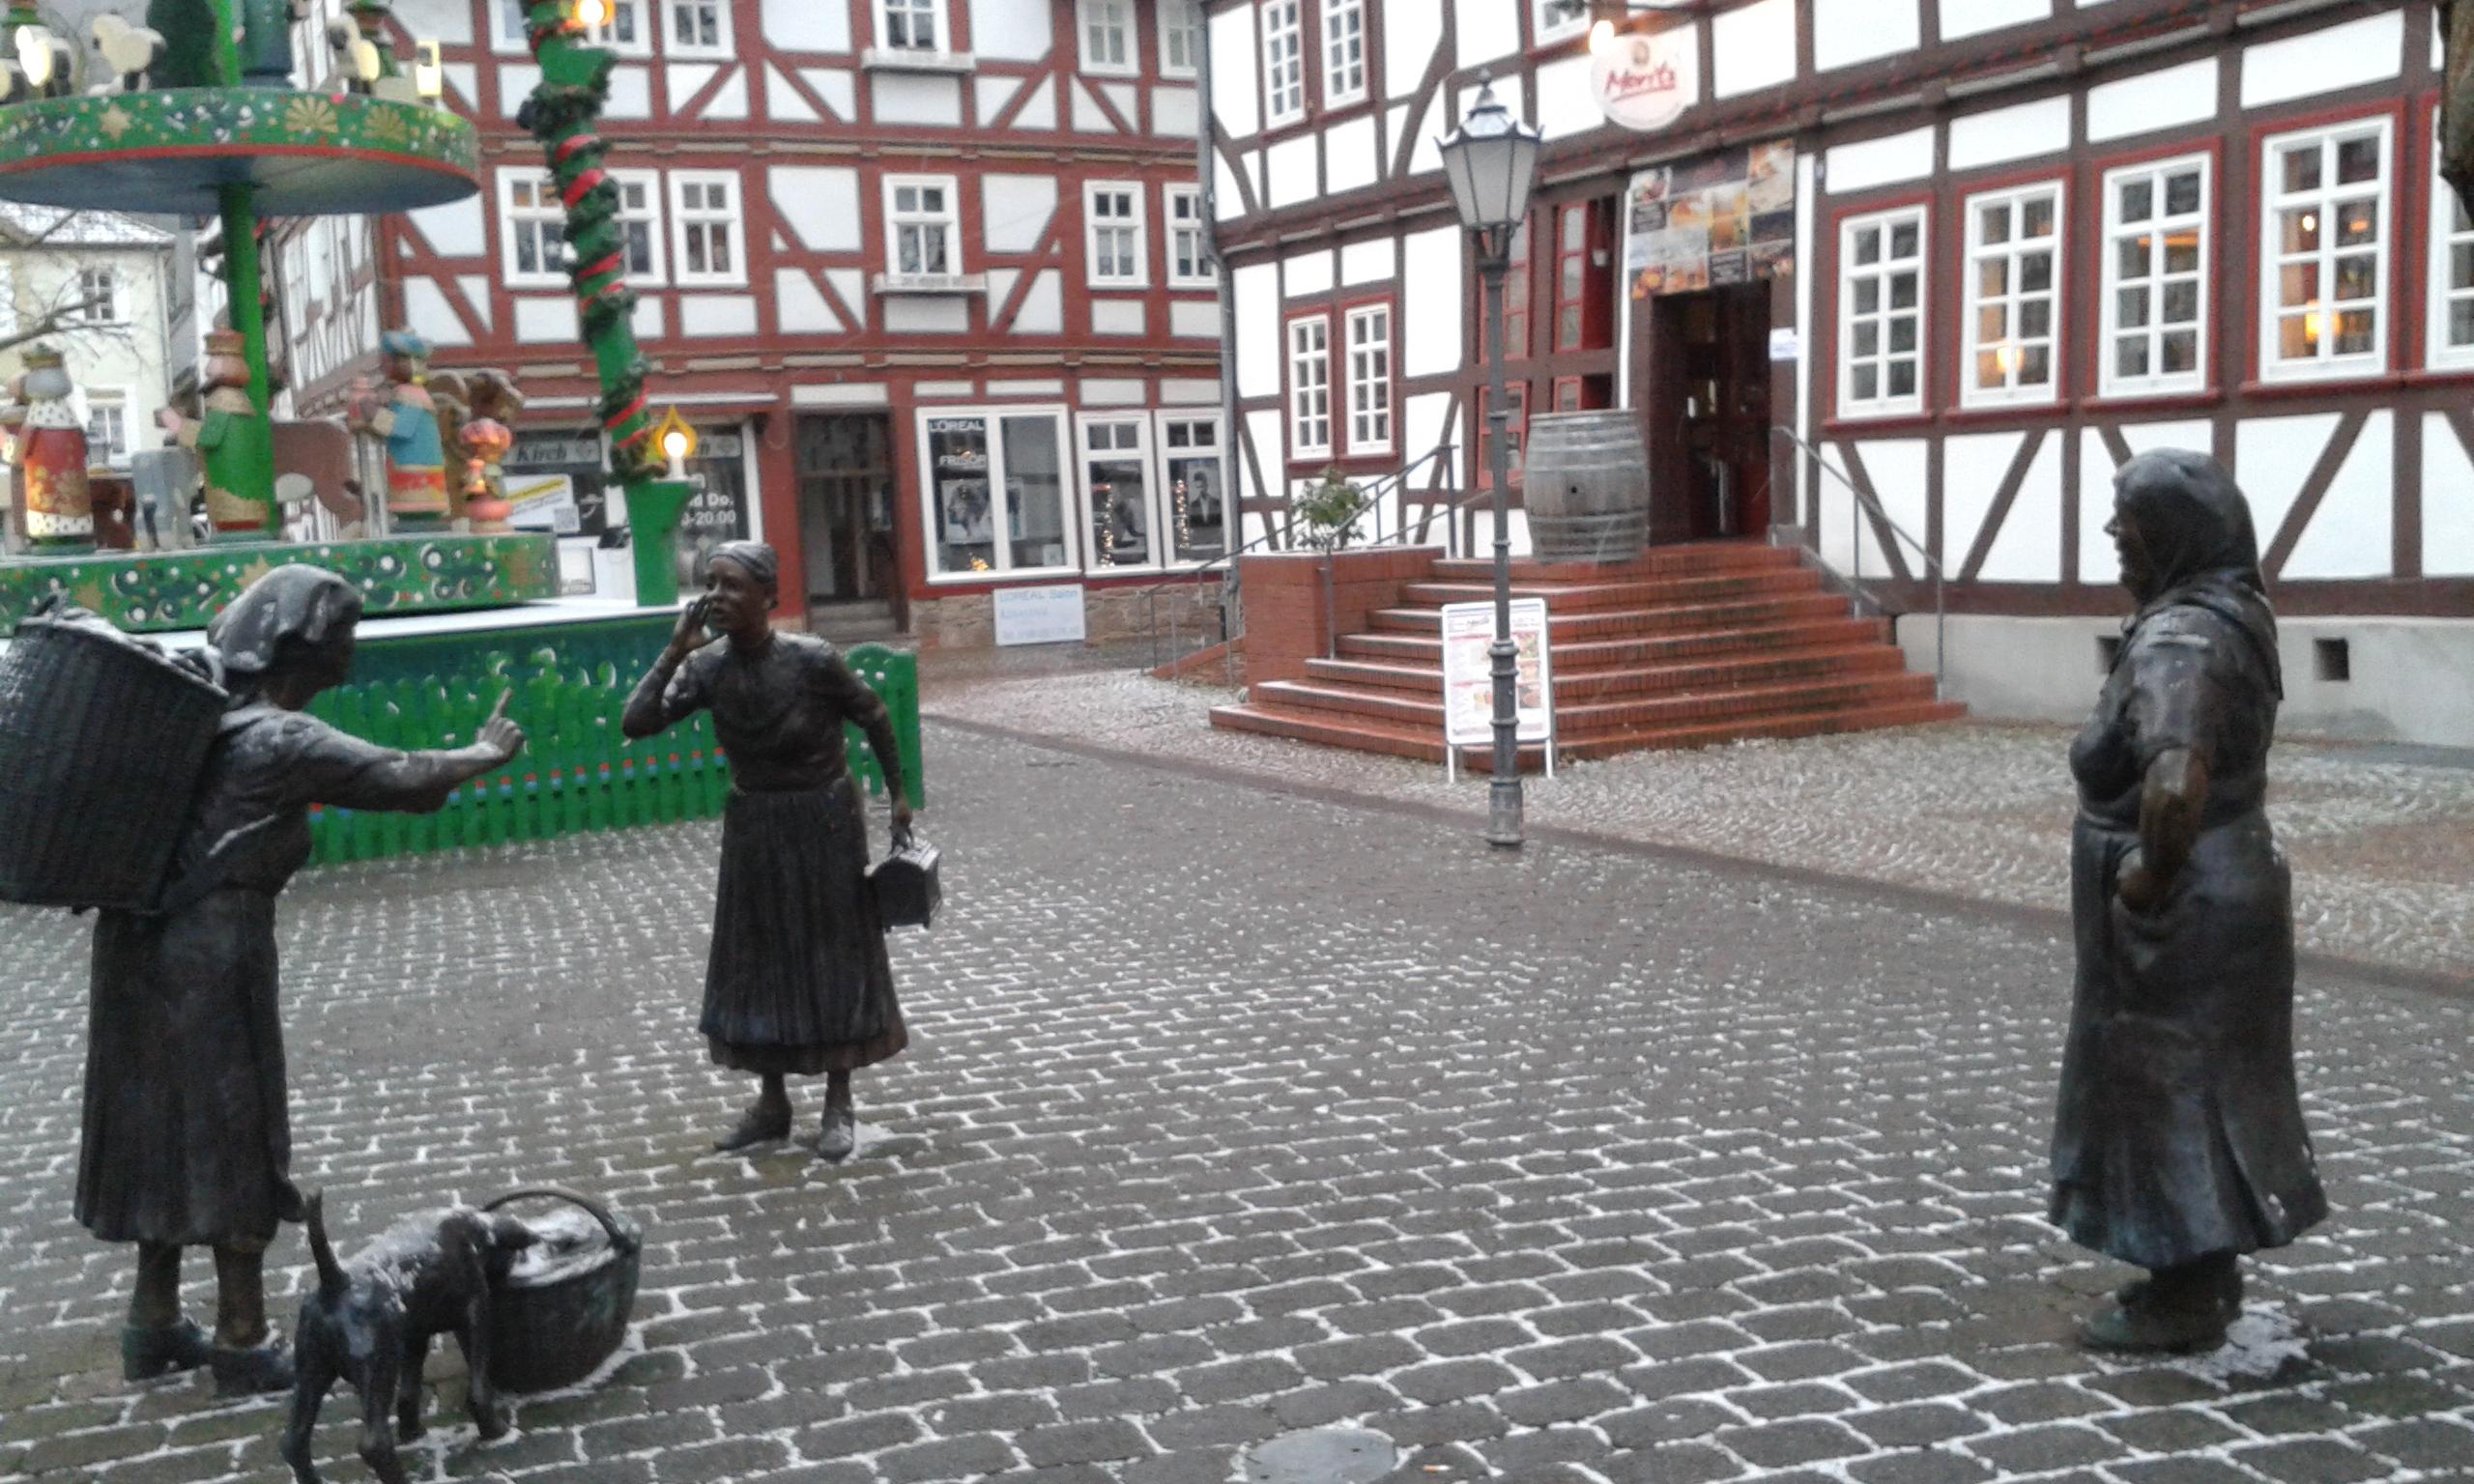 Mädel Rotenburg an der Fulda